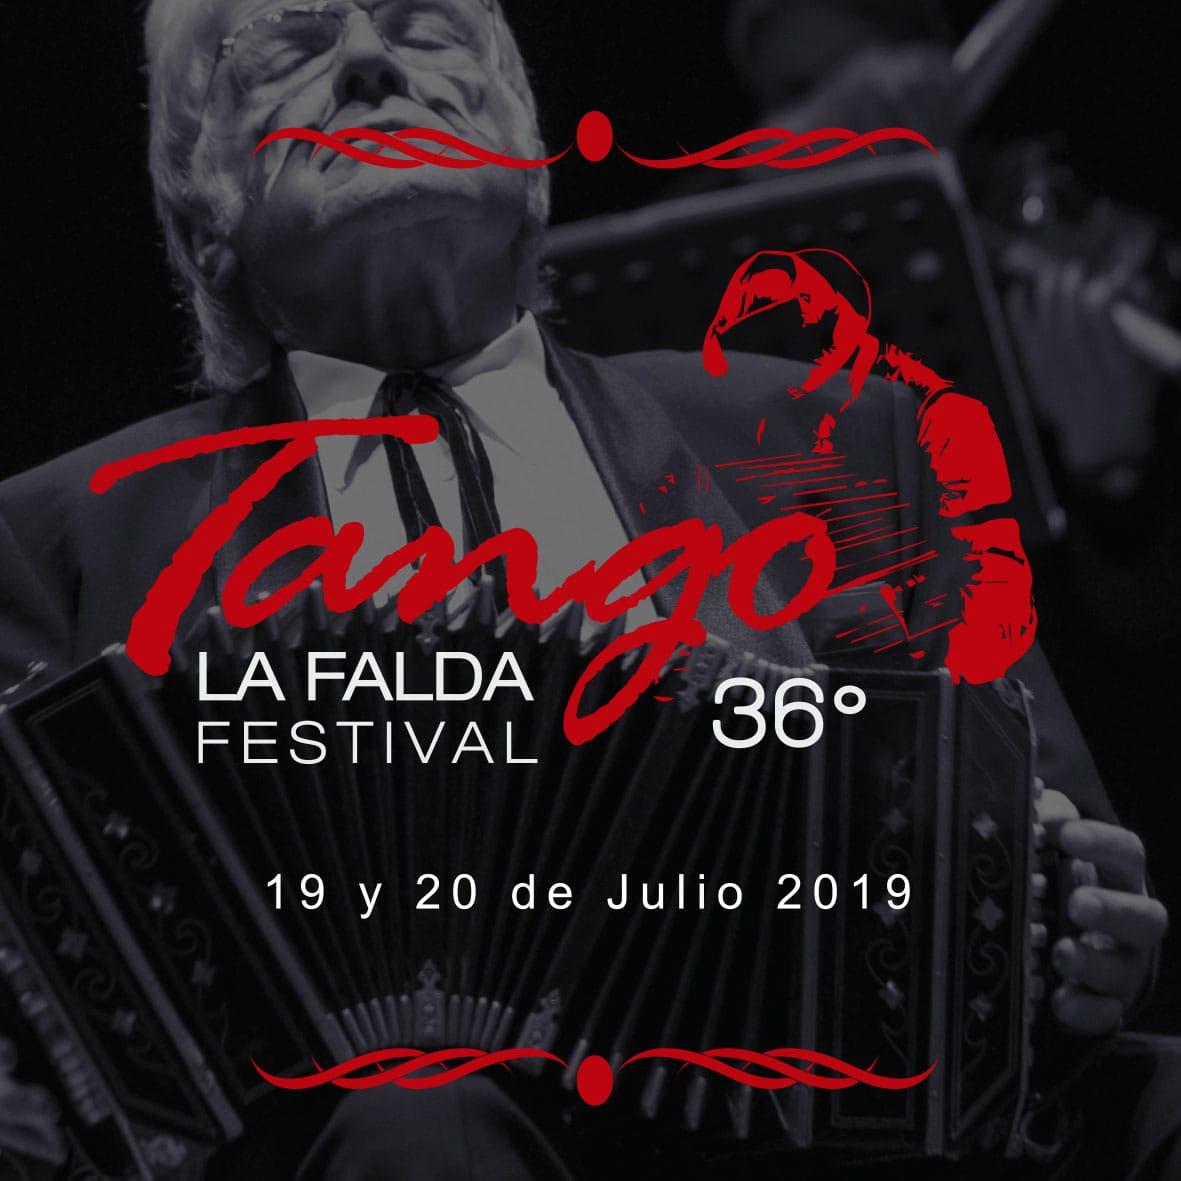 La Falda: la Capital Nacional del Tango presentará su 36° festival